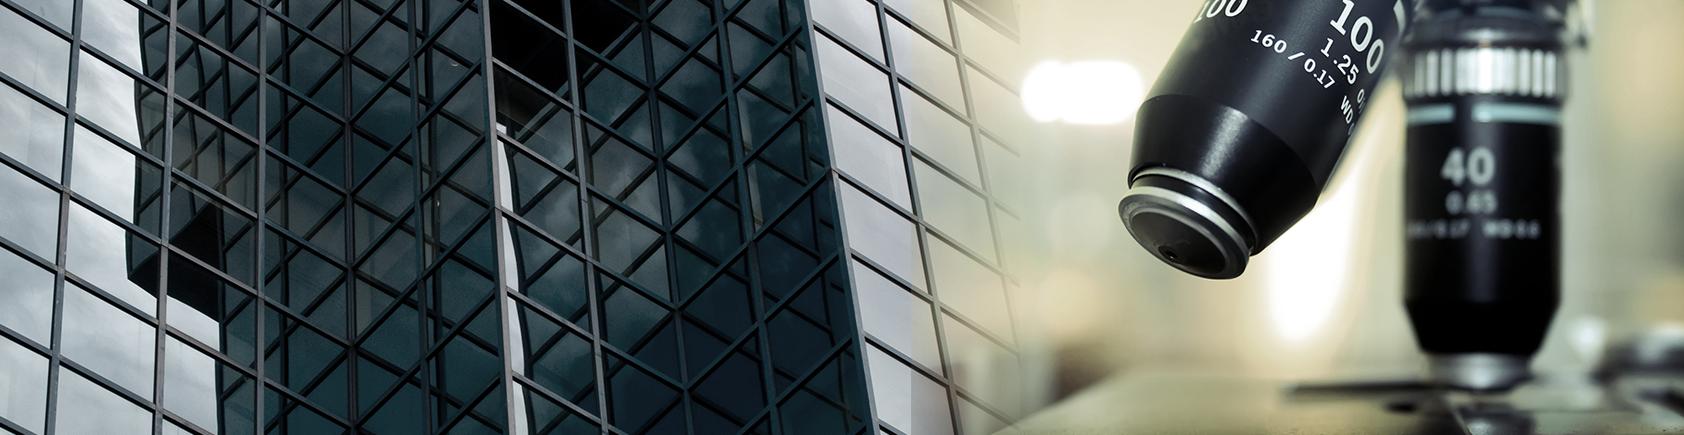 סייטק - פתרונות ניהול אנרגיה ואיכות חשמל עבור עסקים ומוסדות ציבור